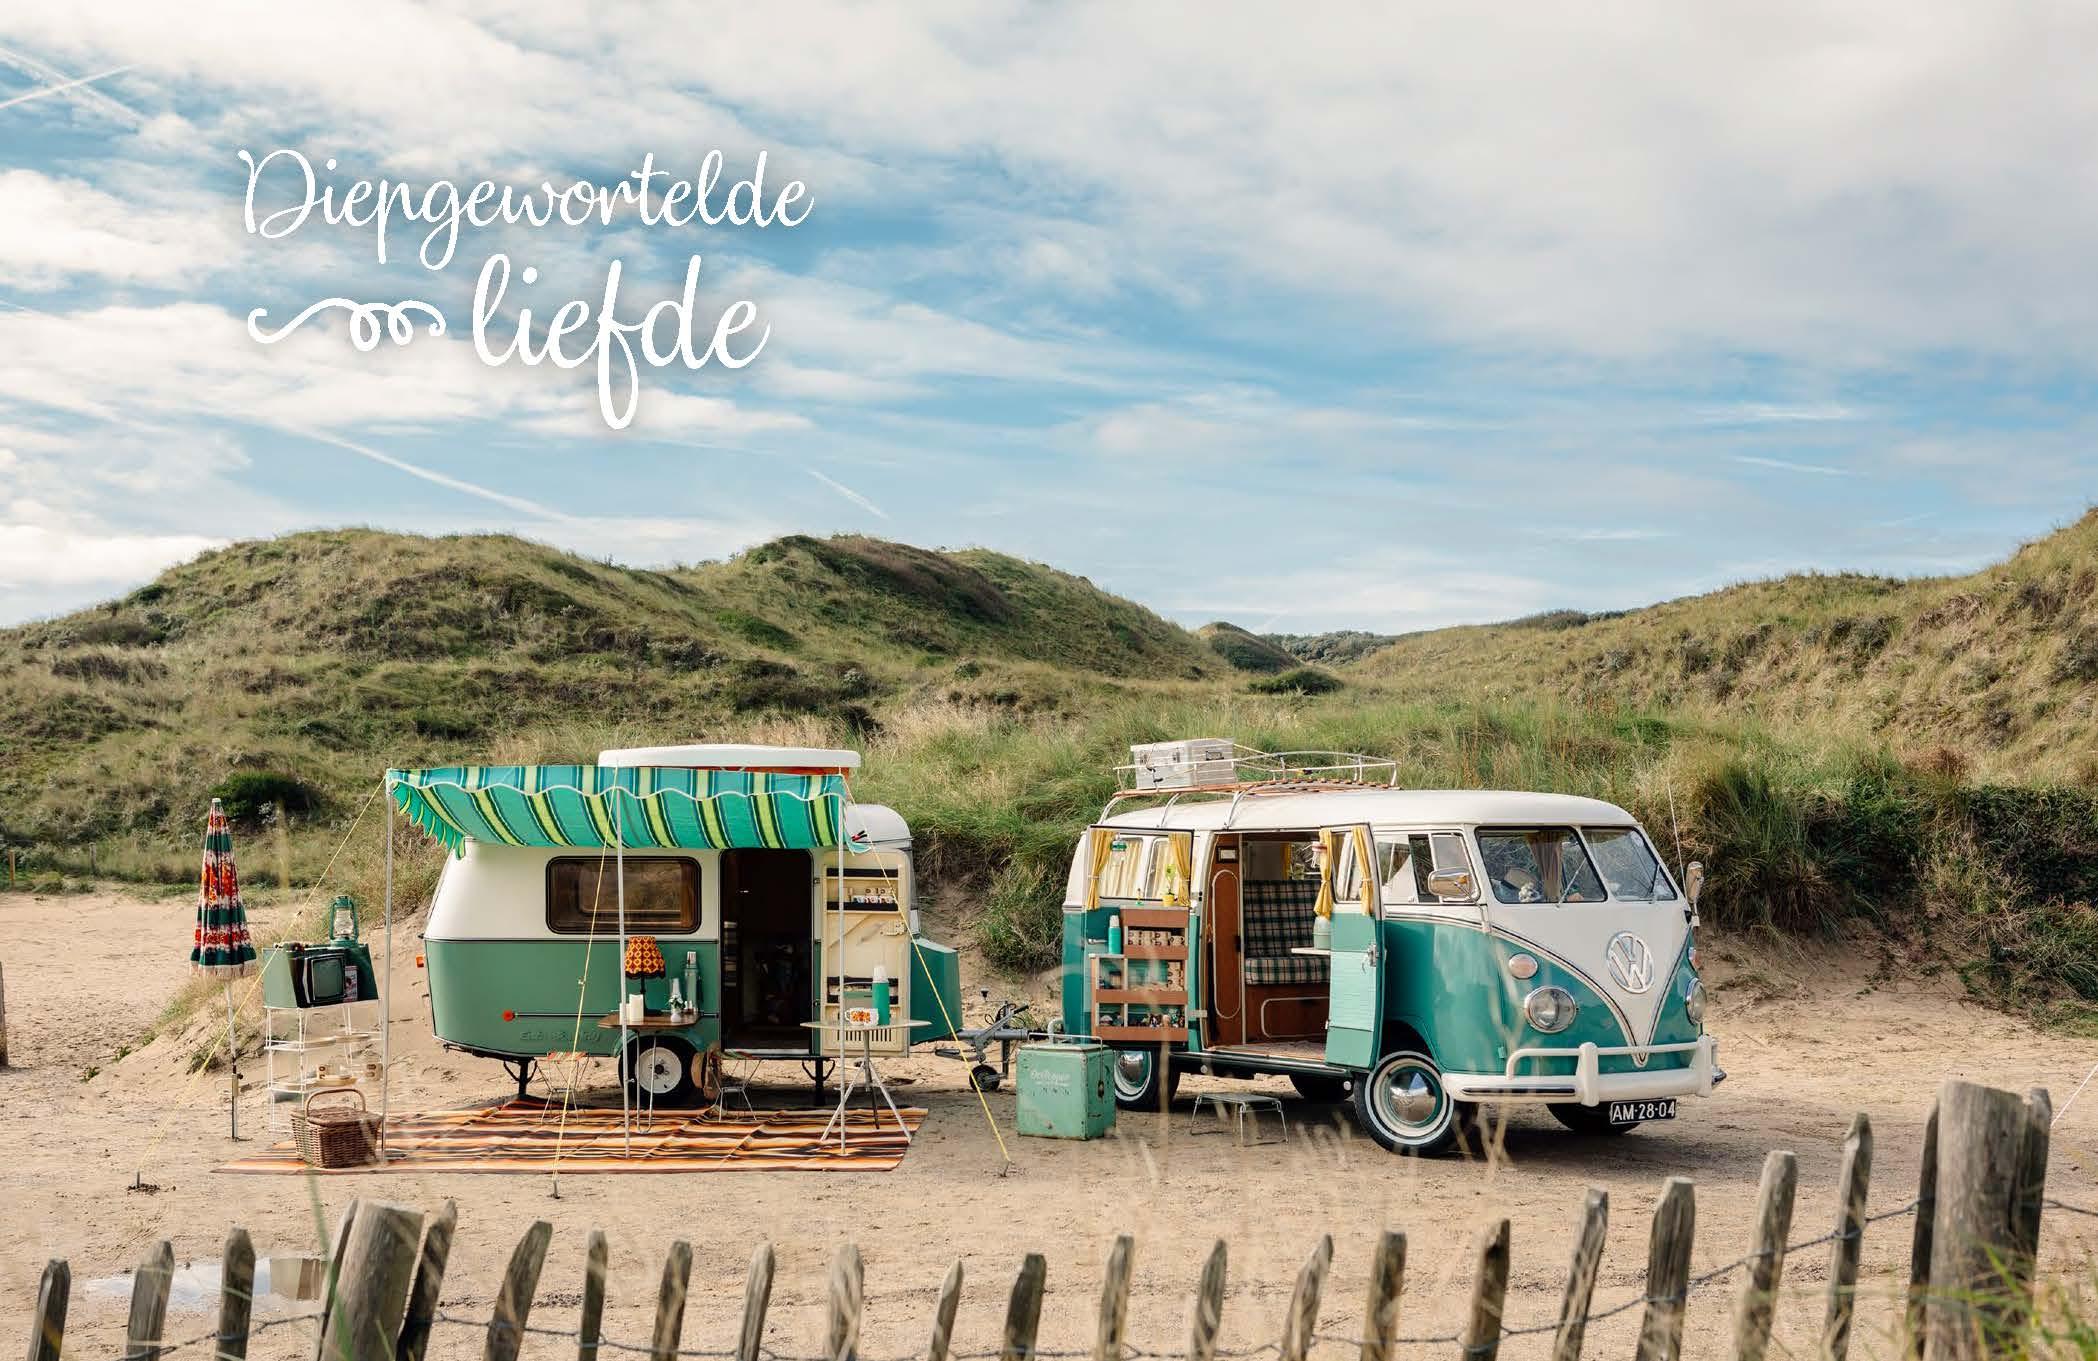 In de duinen staat een mintgroen Volkswagenbusje met perfect bijpassende caravan